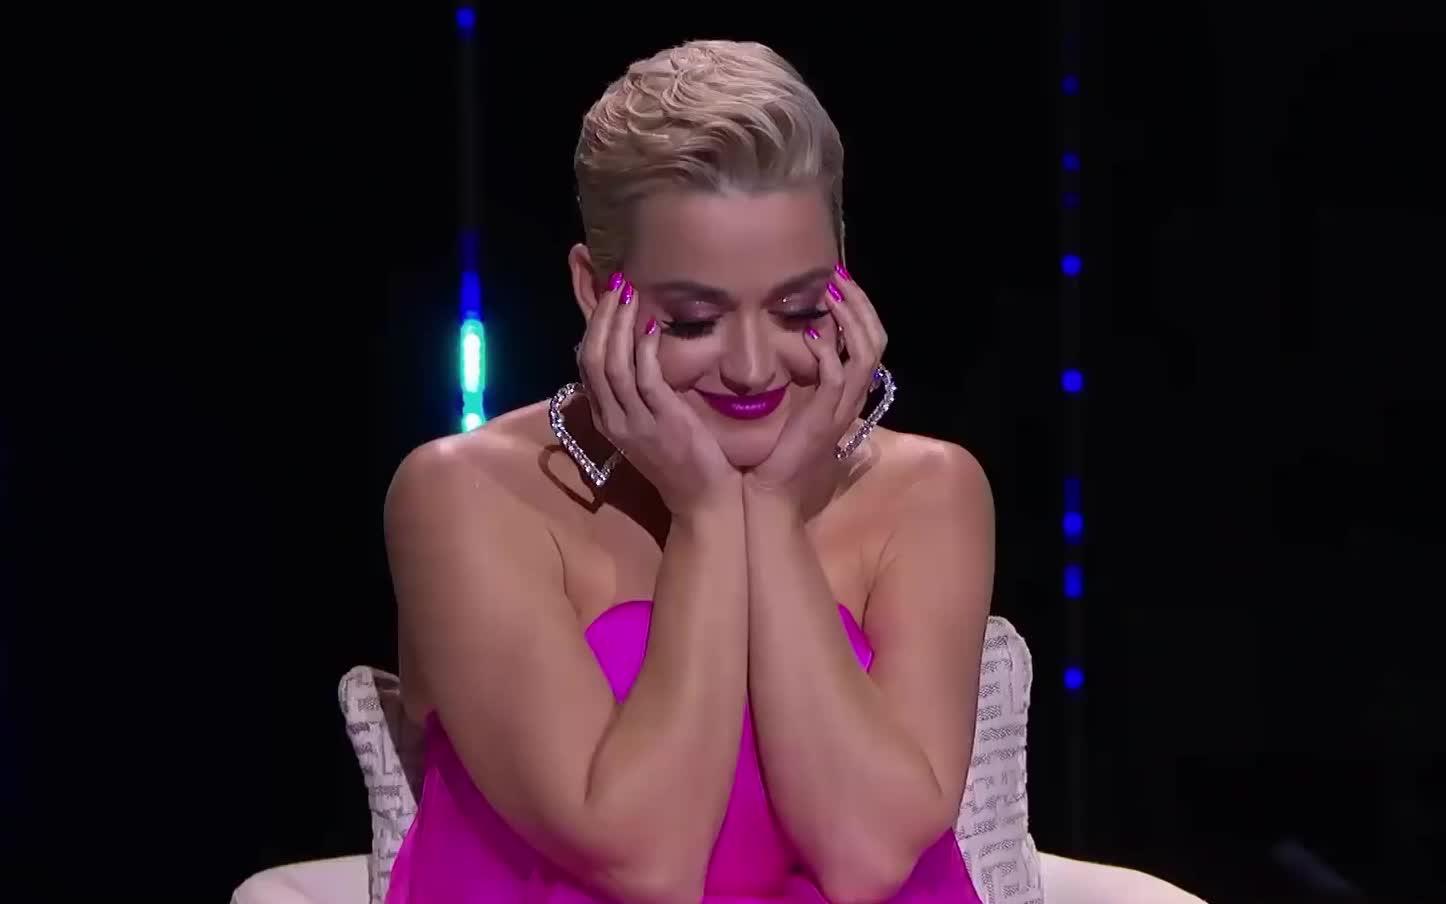 I, I love you, alejandro, american, aranda, auditions, aw, aww, awww, blush, cute, embarrassed, idol, in, love, omg, shy, solos, you, Katy Perry - Awww GIFs